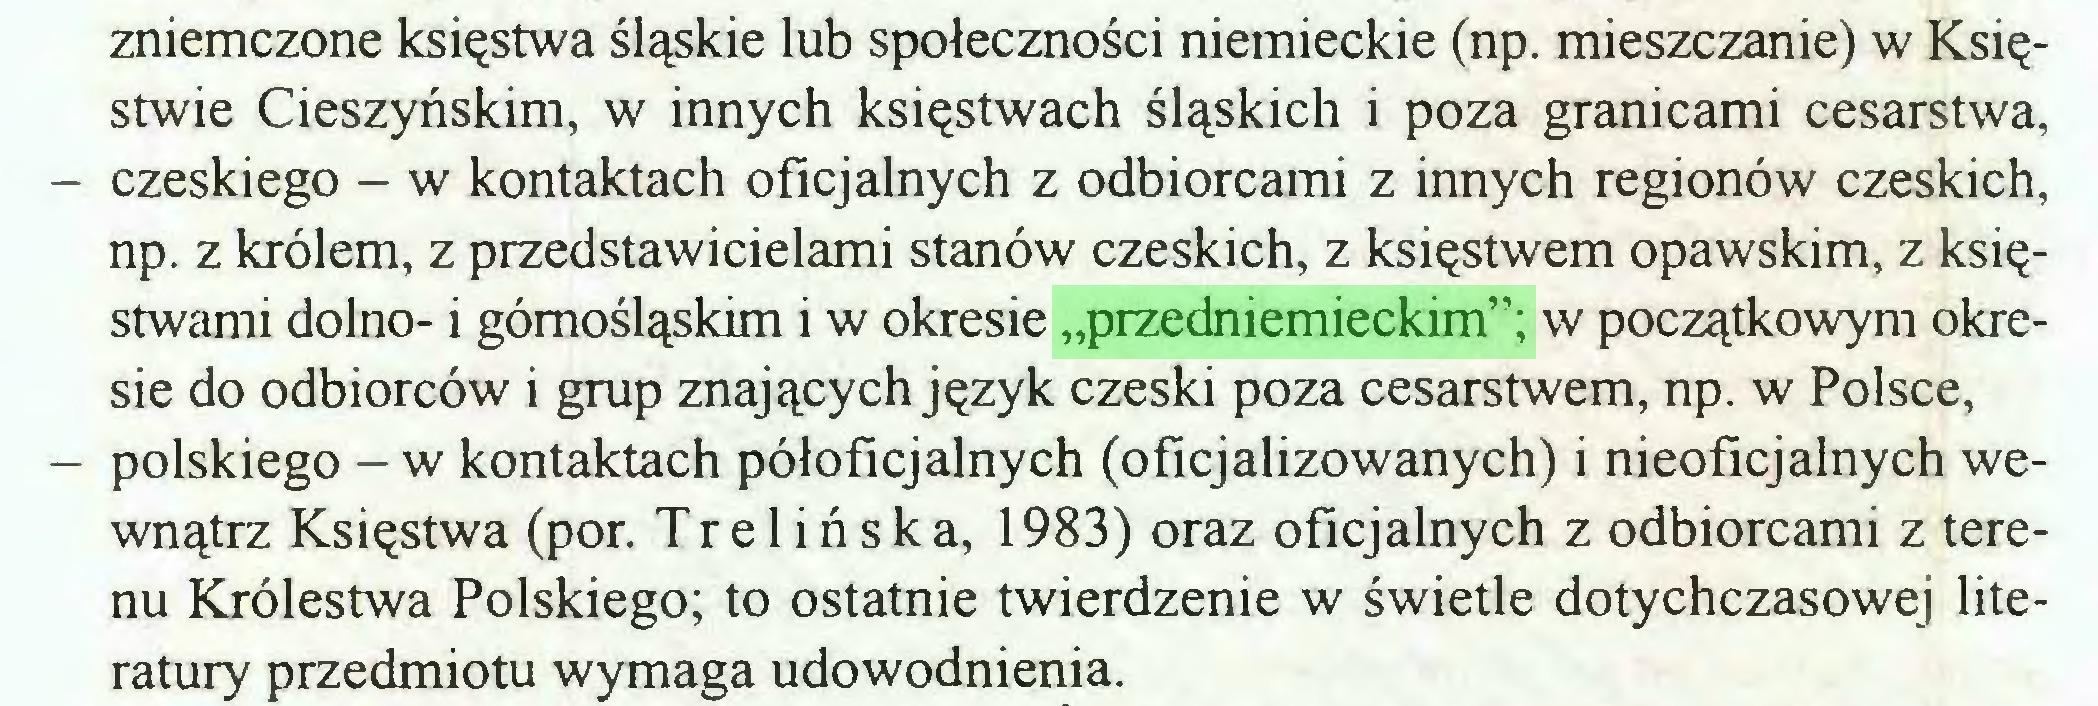 """(...) zniemczone księstwa śląskie lub społeczności niemieckie (np. mieszczanie) w Księstwie Cieszyńskim, w innych księstwach śląskich i poza granicami cesarstwa, - czeskiego - w kontaktach oficjalnych z odbiorcami z innych regionów czeskich, np. z królem, z przedstawicielami stanów czeskich, z księstwem opawskim, z księstwami dolno- i górnośląskim i w okresie """"przedniemieckim""""; w początkowym okresie do odbiorców i grup znających język czeski poza cesarstwem, np. w Polsce, - polskiego - w kontaktach półoficjalnych (oficjalizowanych) i nieoficjalnych wewnątrz Księstwa (por. Trelińska, 1983) oraz oficjalnych z odbiorcami z terenu Królestwa Polskiego; to ostatnie twierdzenie w świetle dotychczasowej literatury przedmiotu wymaga udowodnienia..."""